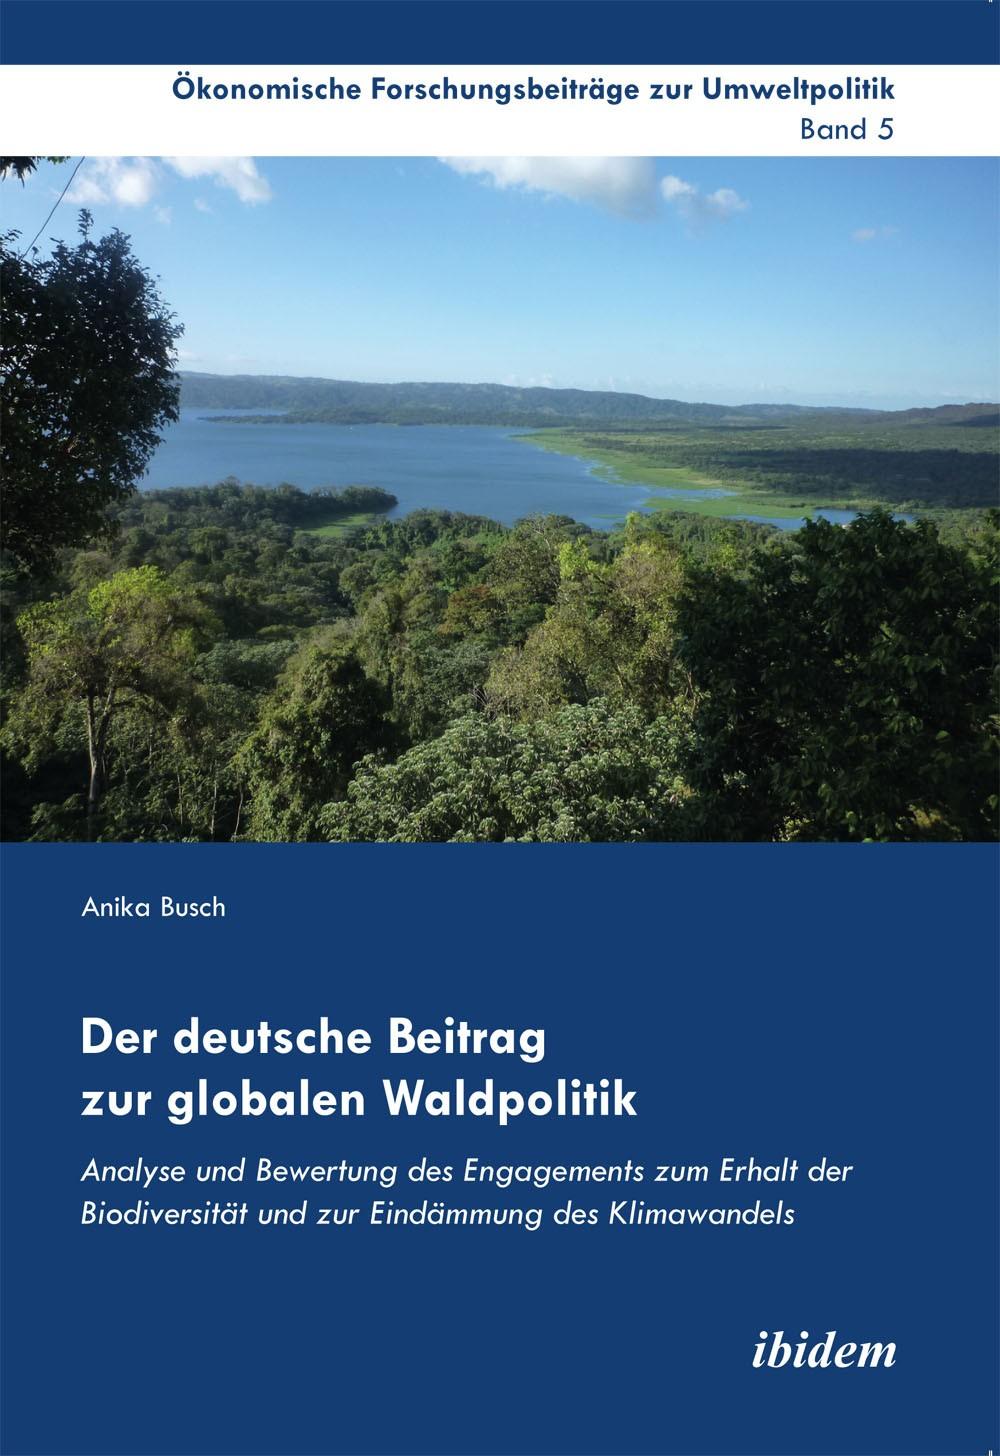 Der deutsche Beitrag zur globalen Waldpolitik